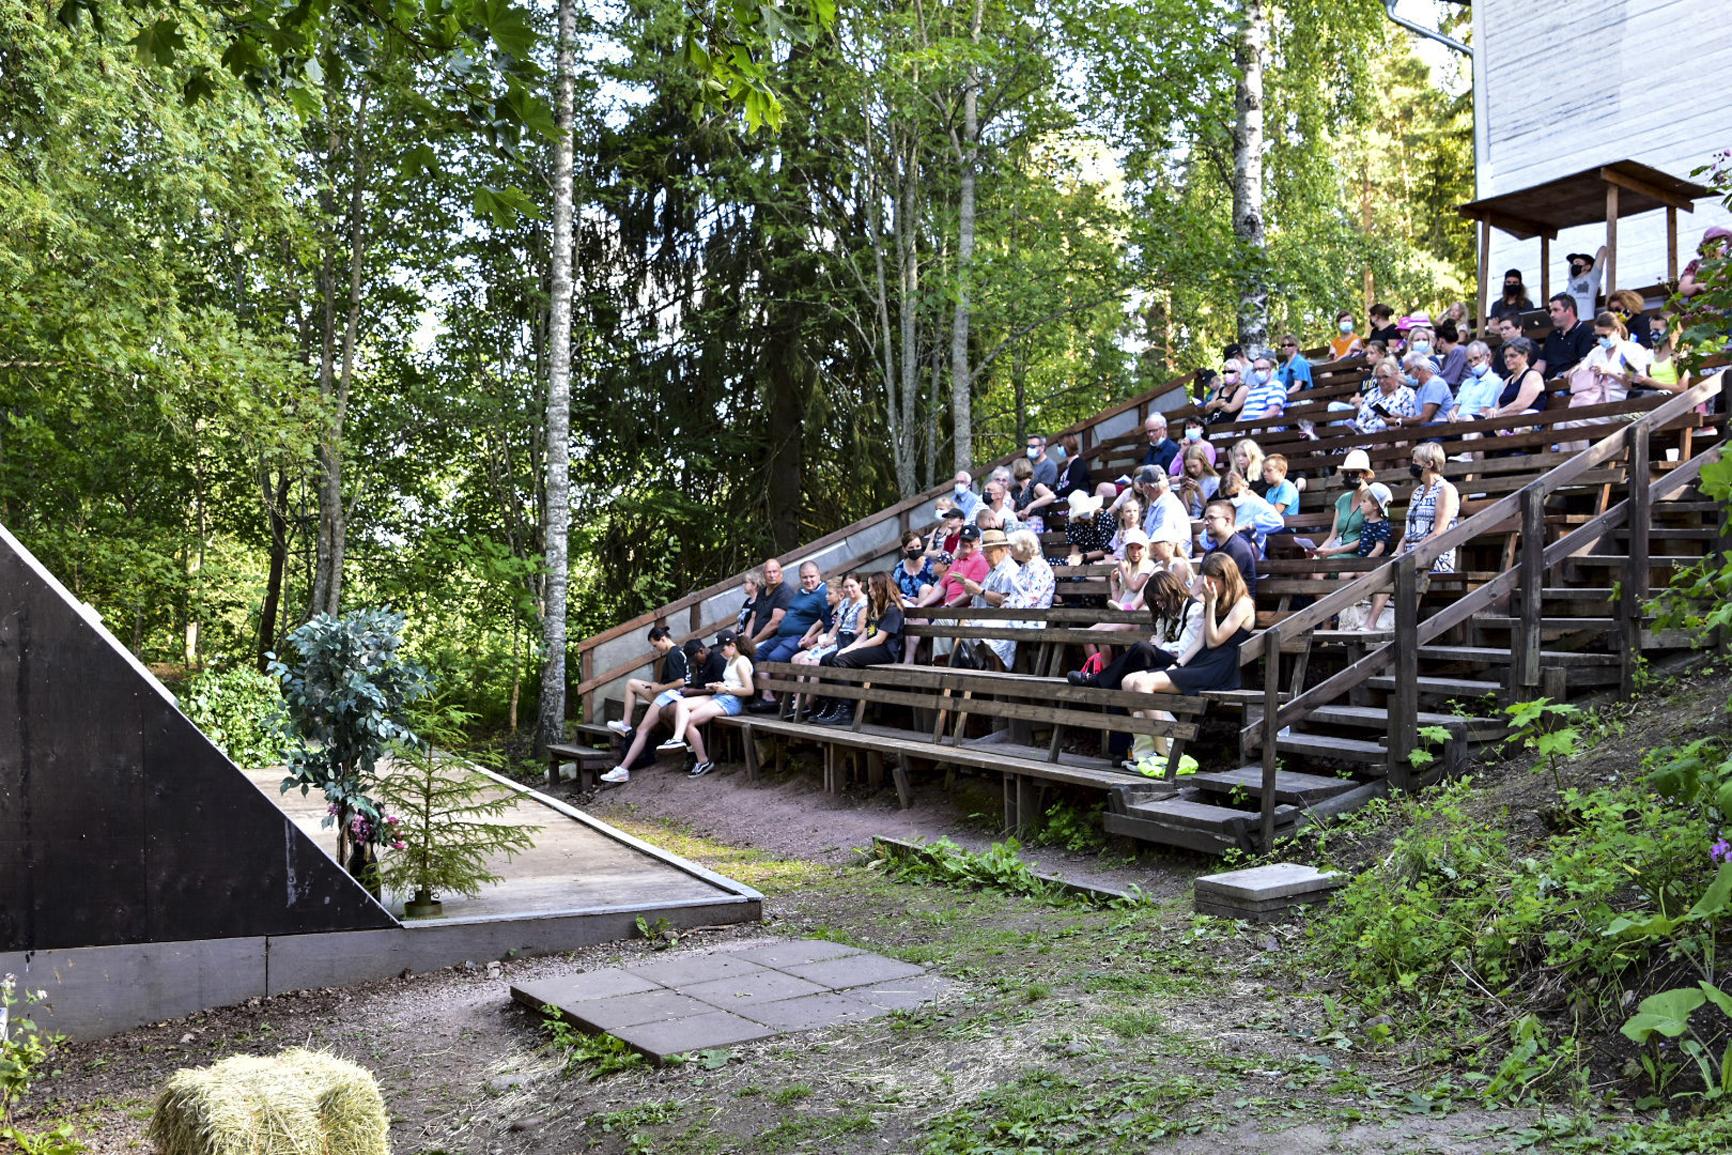 Kangasalan Pikkuteatterin ohjelmisto takaa, että yleisöksi etsiytyy myös nuorta väkeä. Kuva: Matti Frick